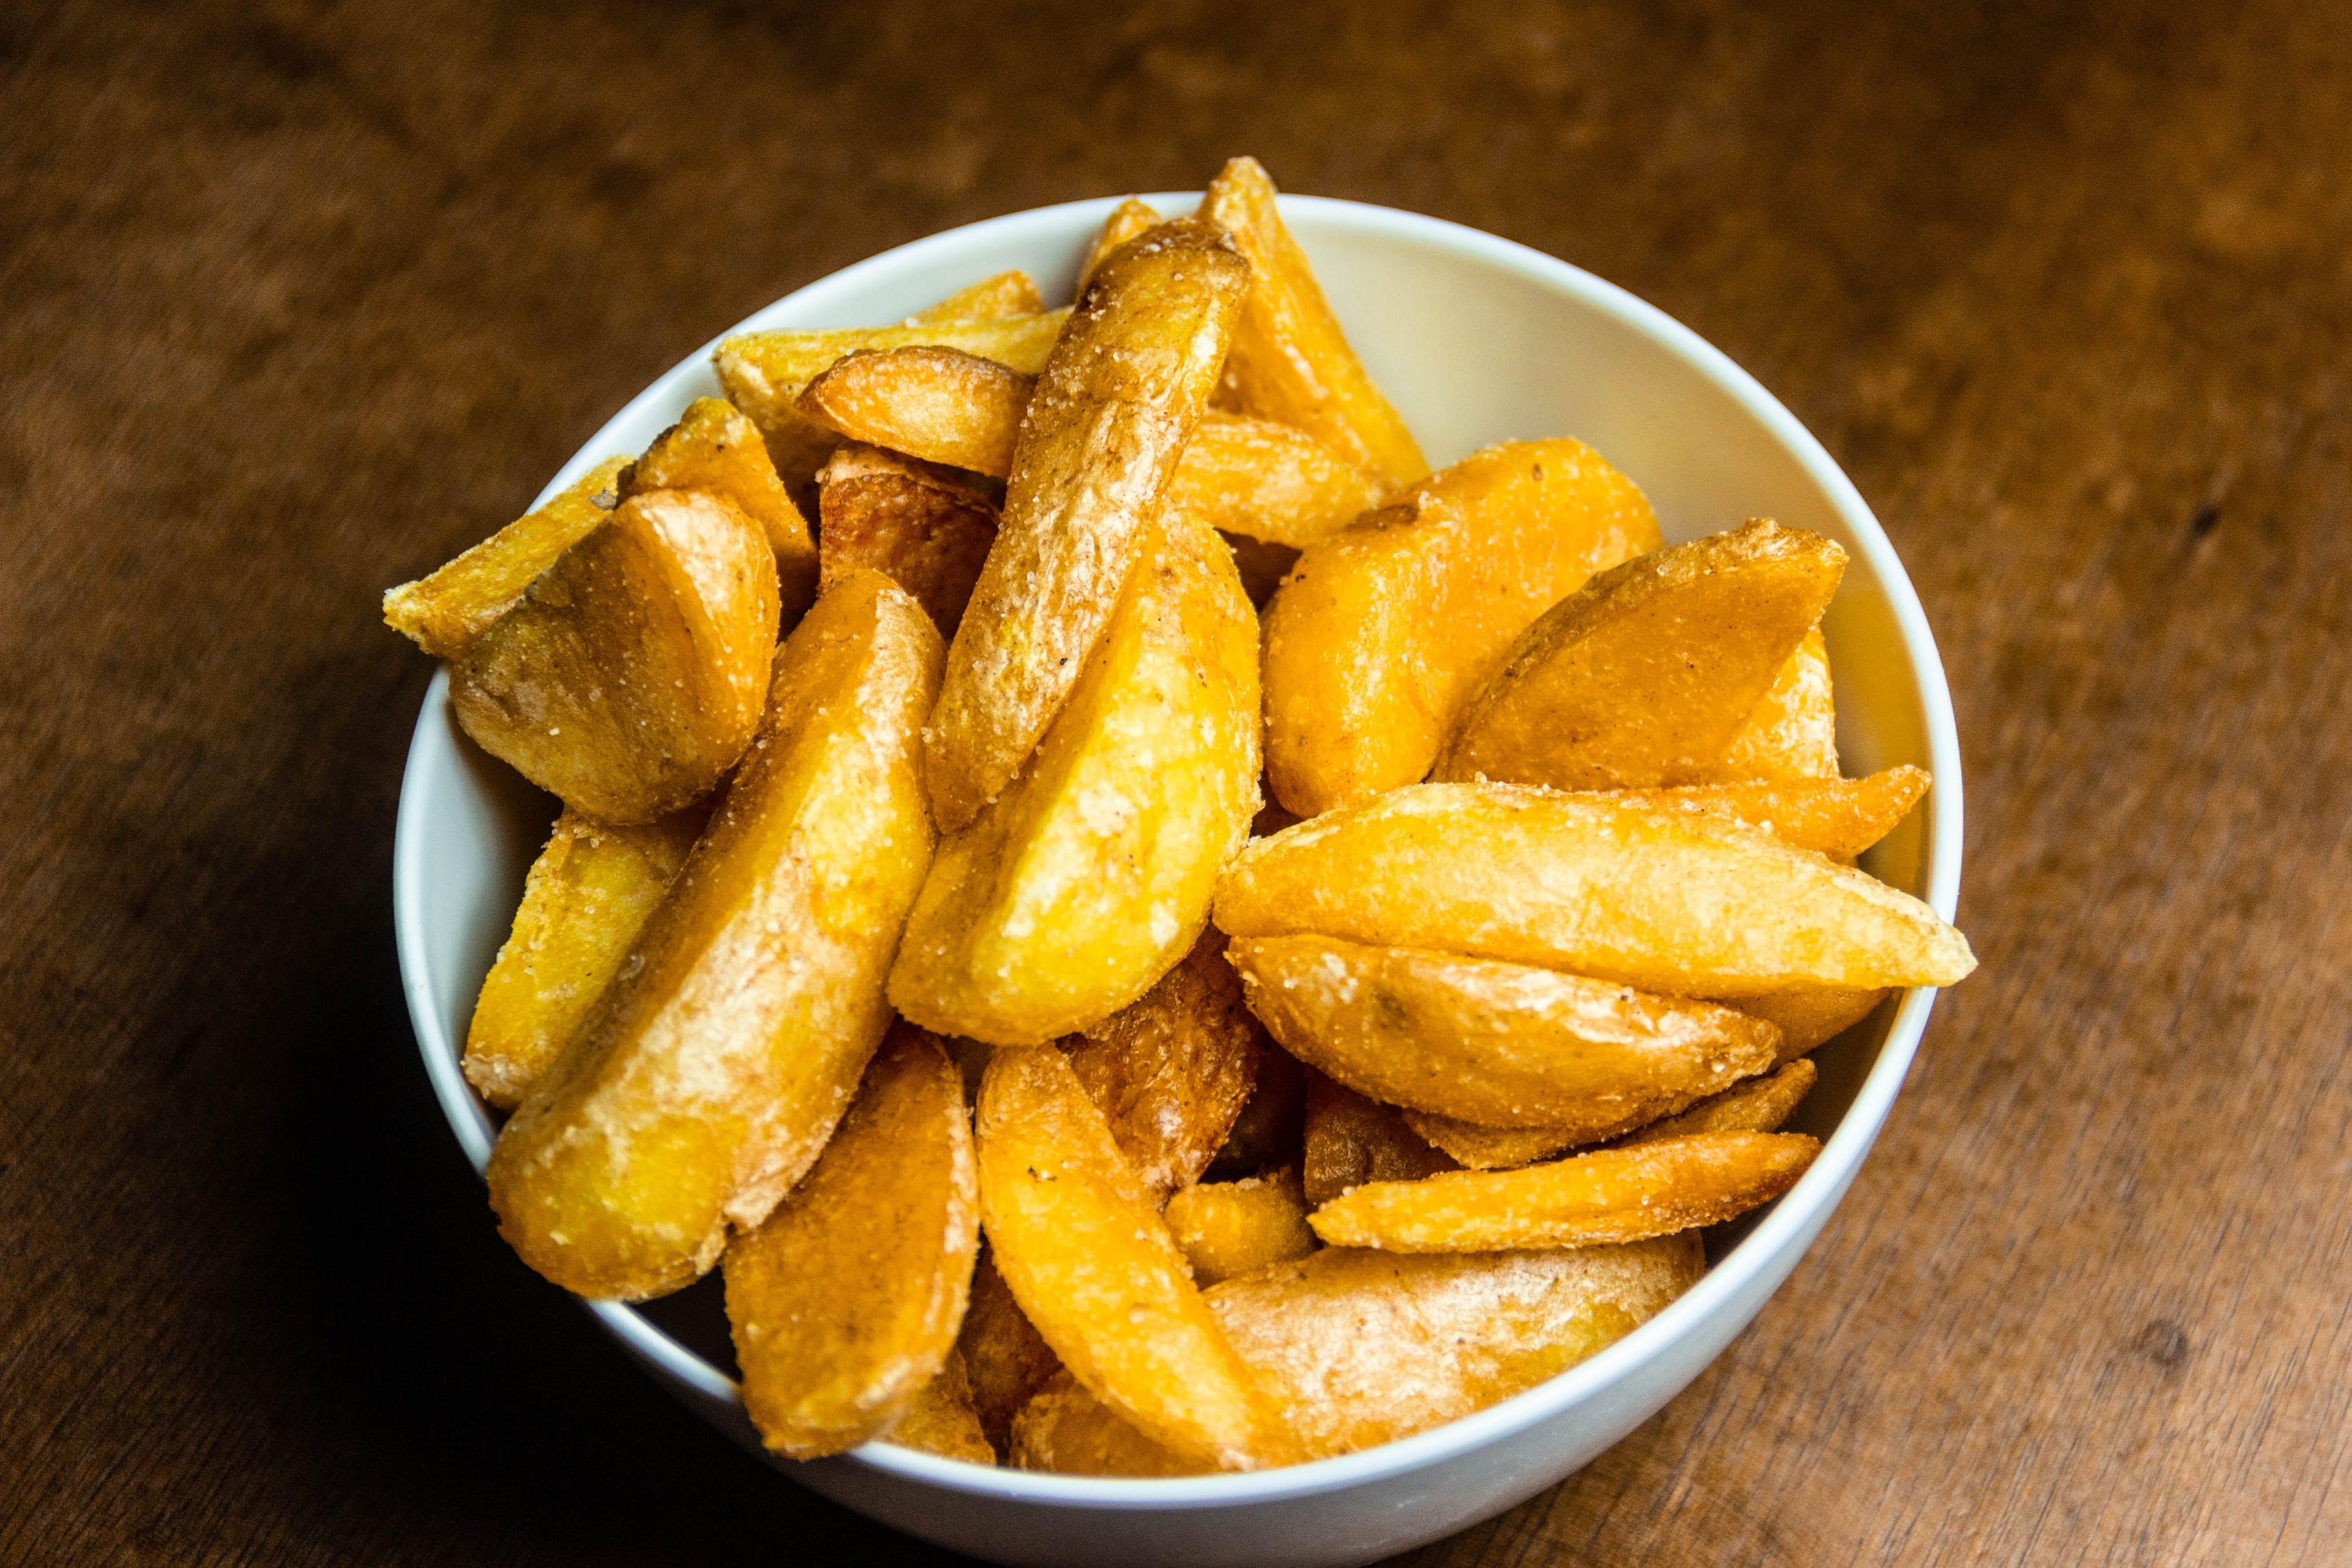 fries, potatoes